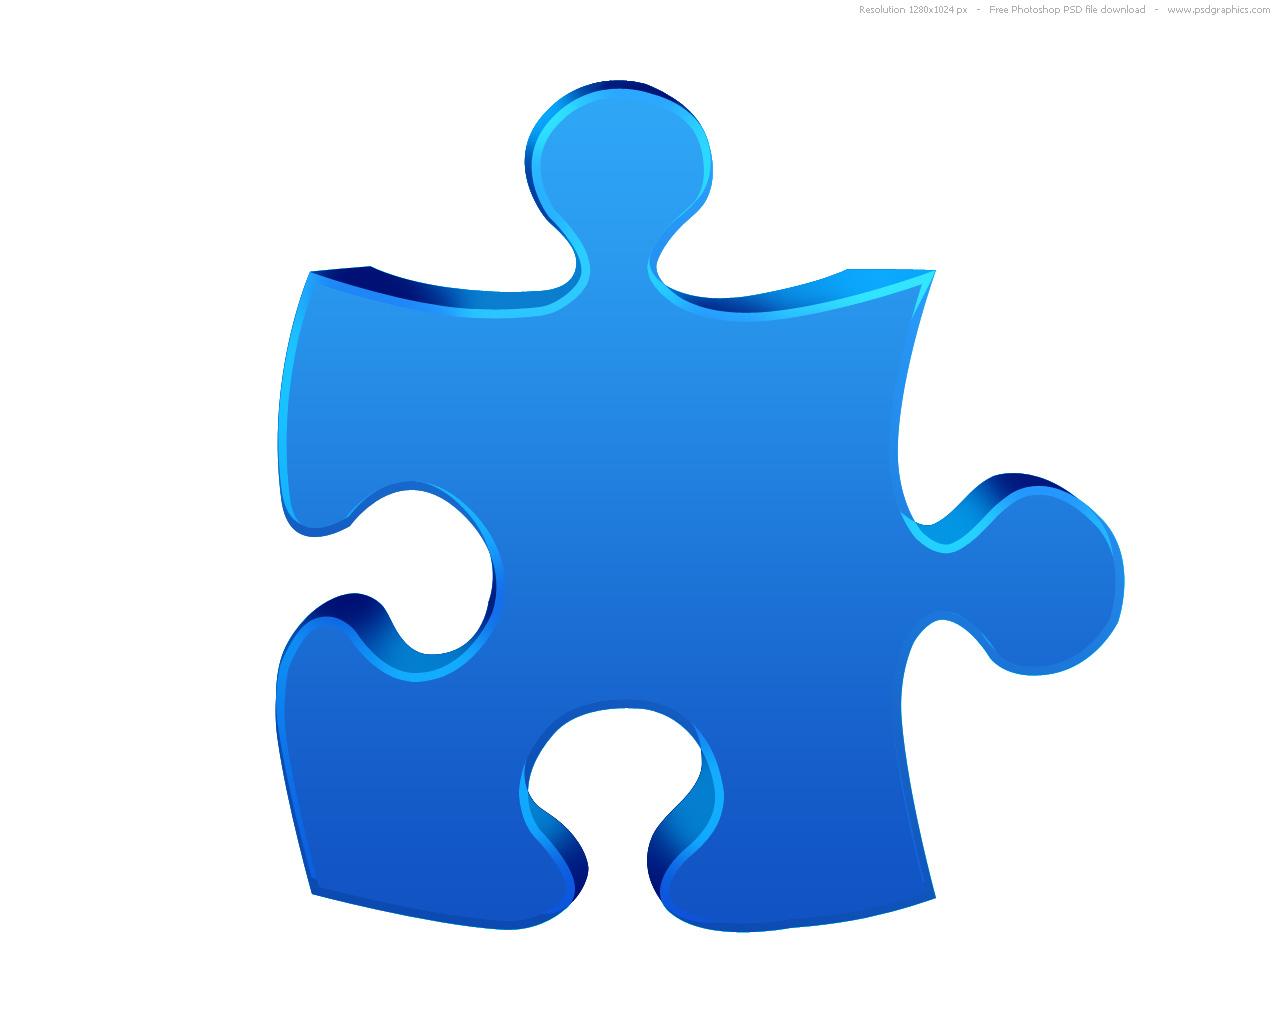 Jigsaw icon · Jigsaw puzzle b7ae00374